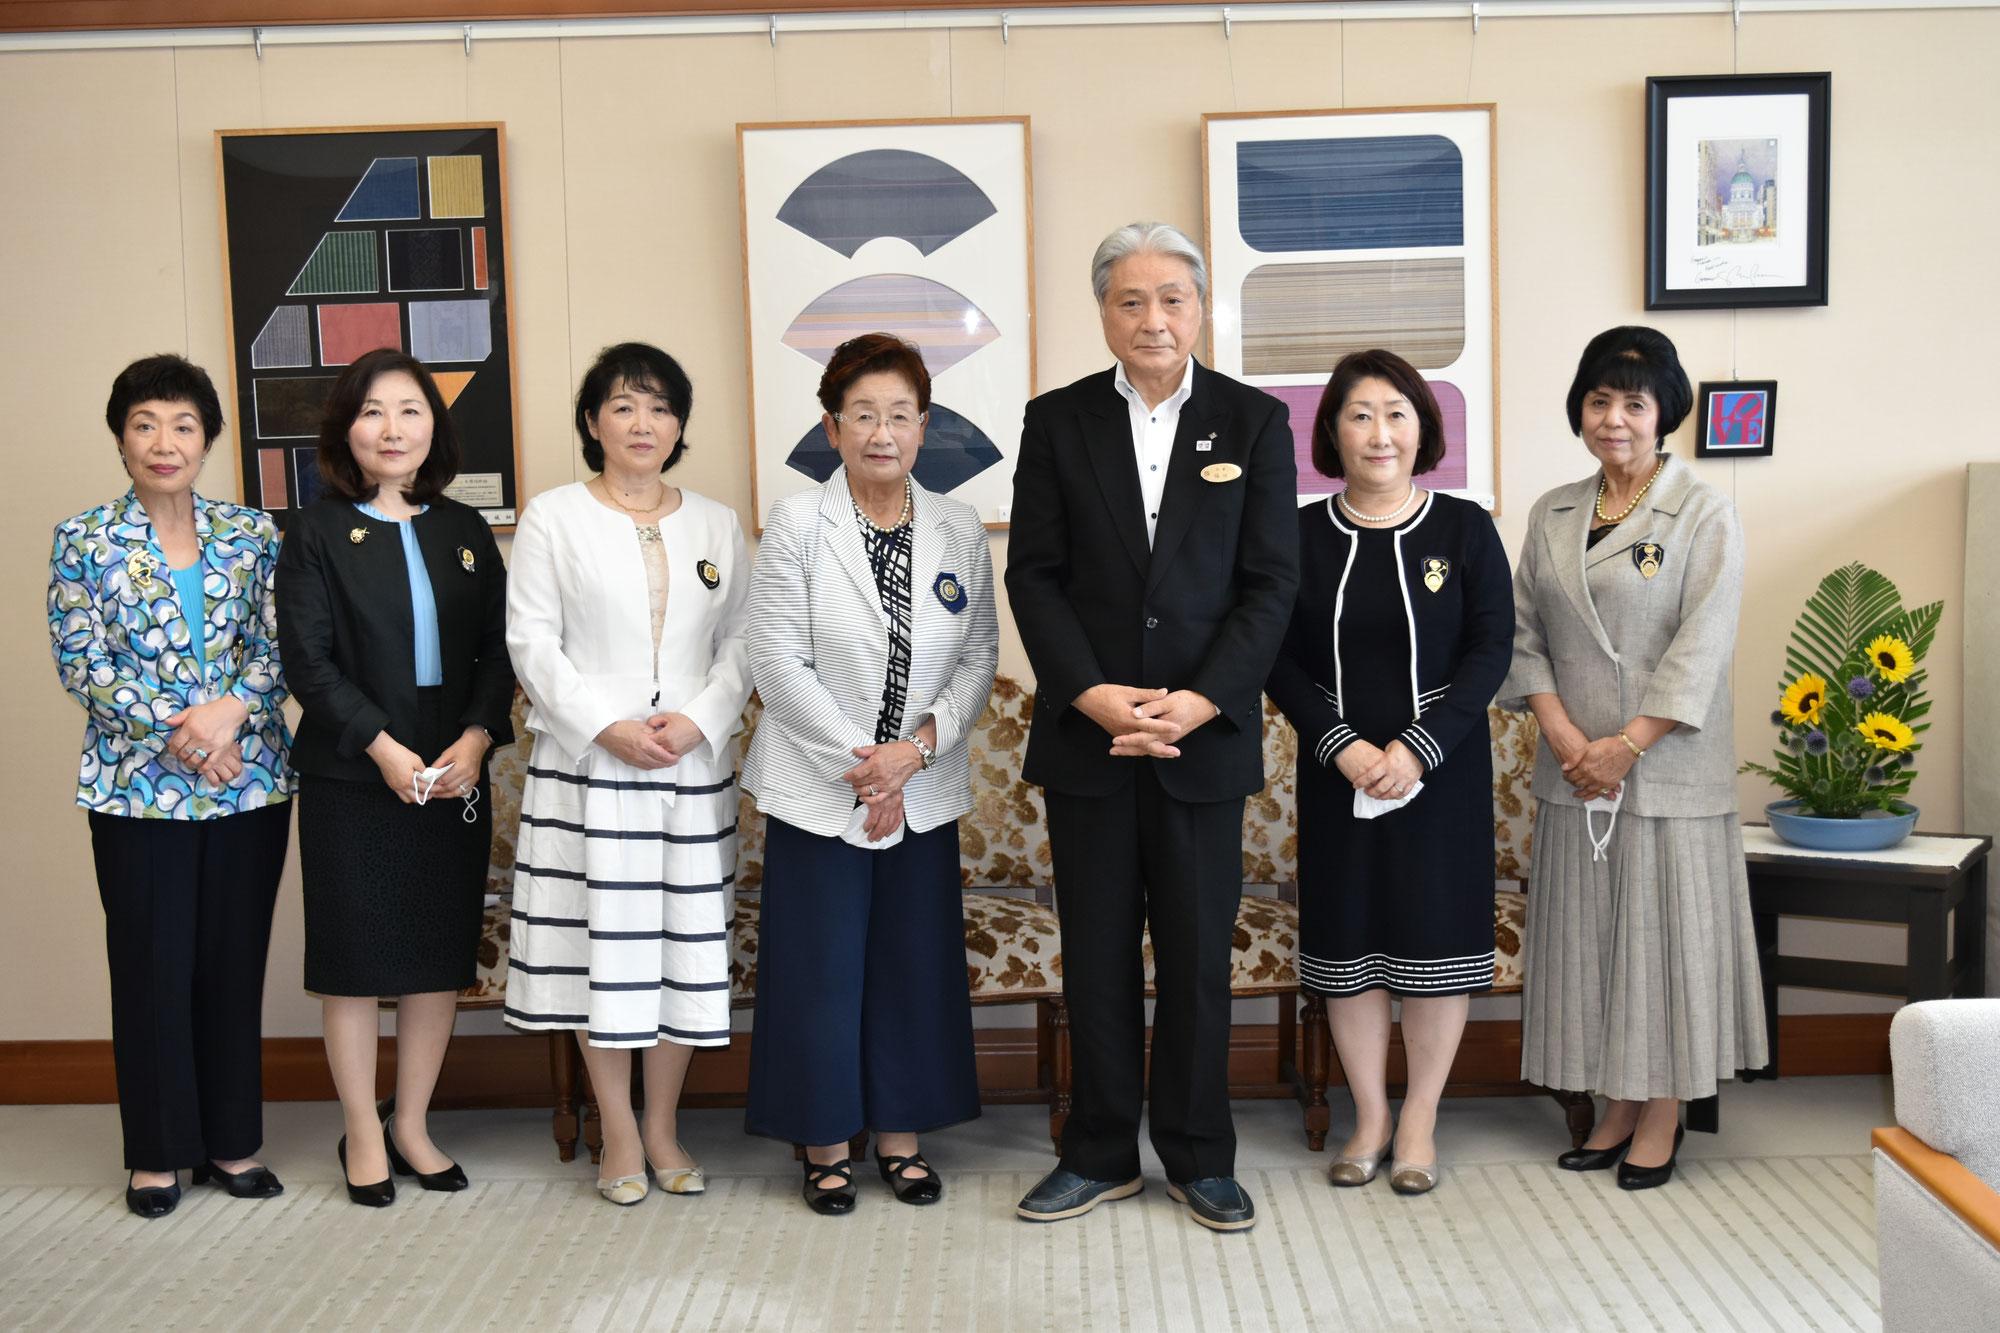 福田富一栃木県知事を表敬訪問